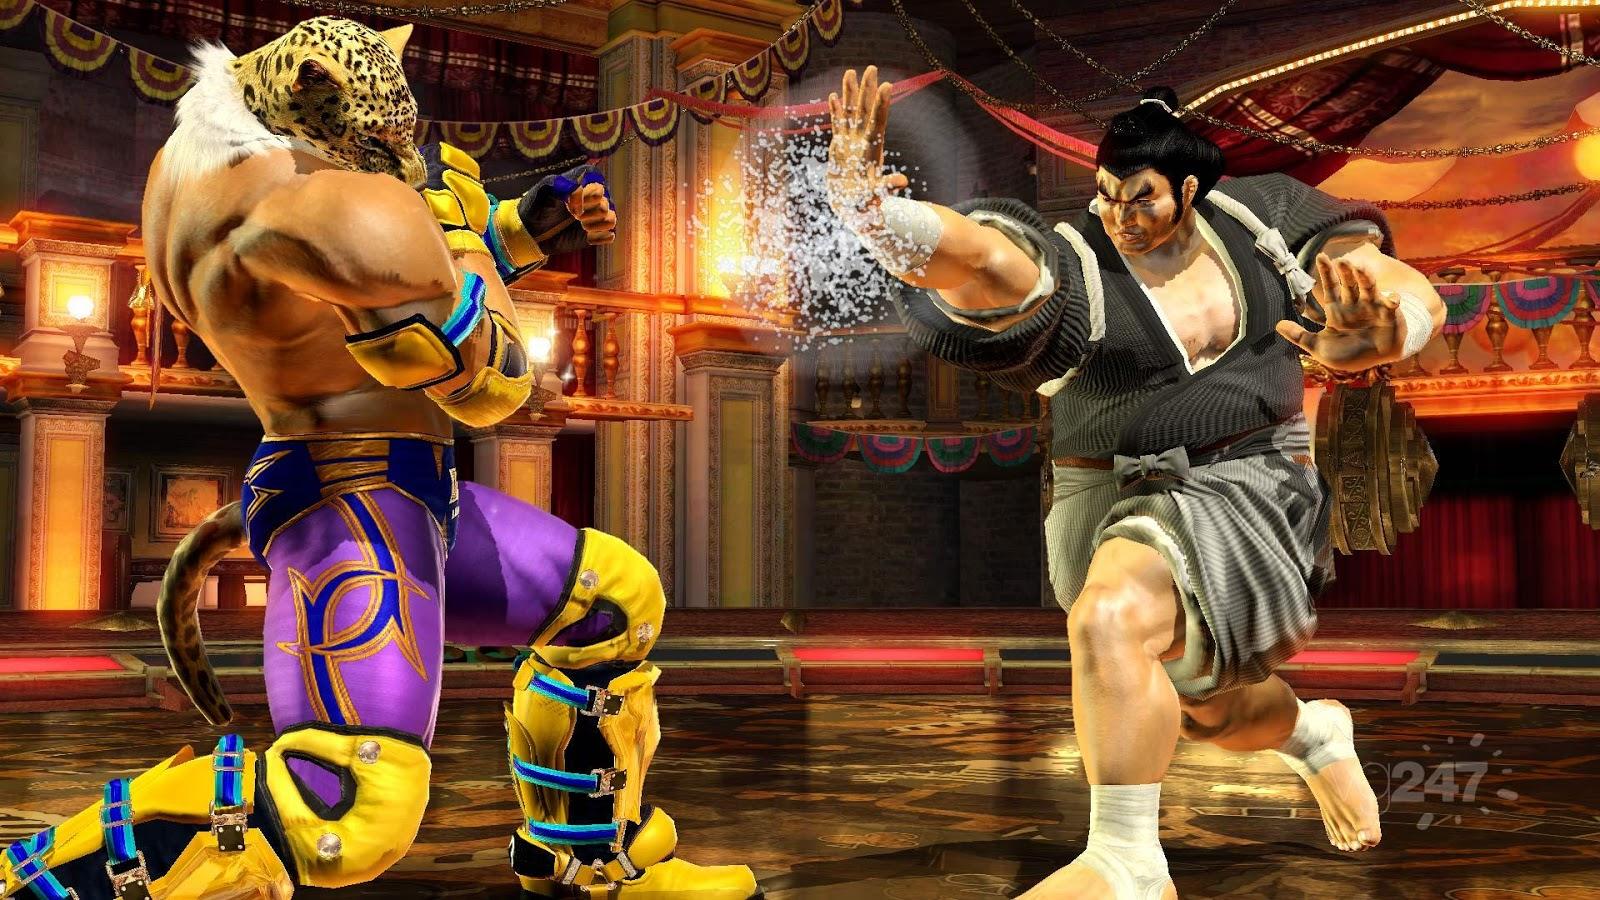 Tekken 4 PC Game - Free Download Full Version